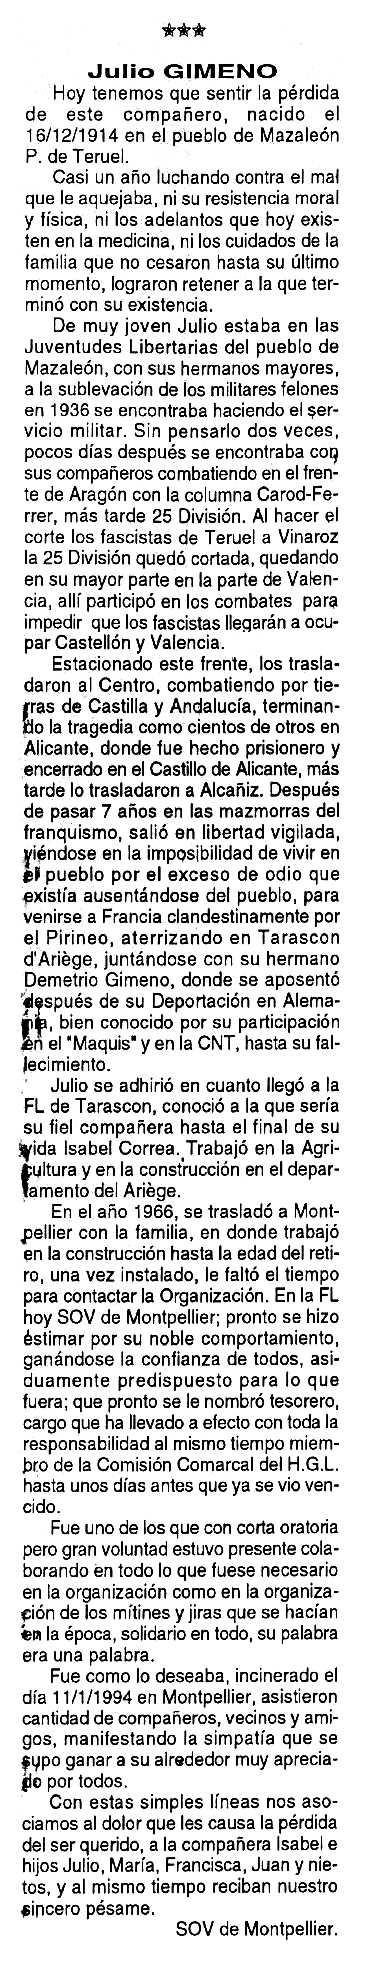 """Necrològica de Julio Gimeno Timoneda apareguda en el periòdic tolosà """"Cenit"""" del 12 de febrer de 1994"""